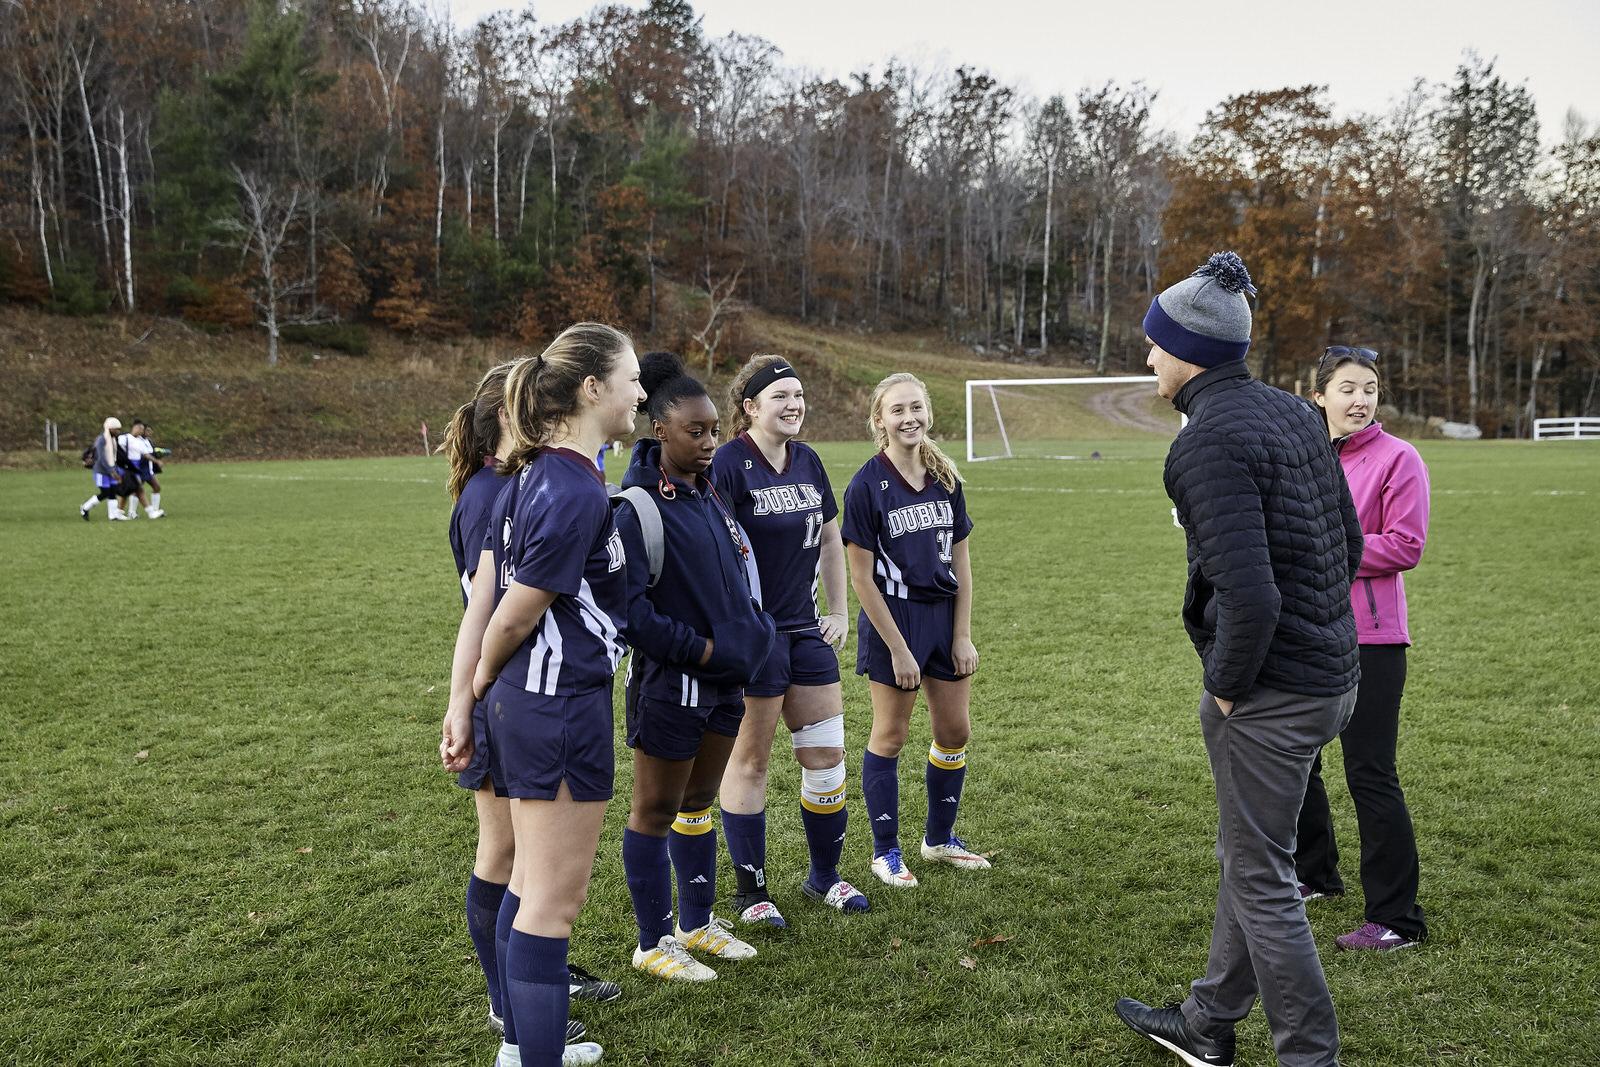 Girls Varsity Soccer vs. White Mountain School - November 7, 2018 - Nov 07 2018 - 0049.jpg